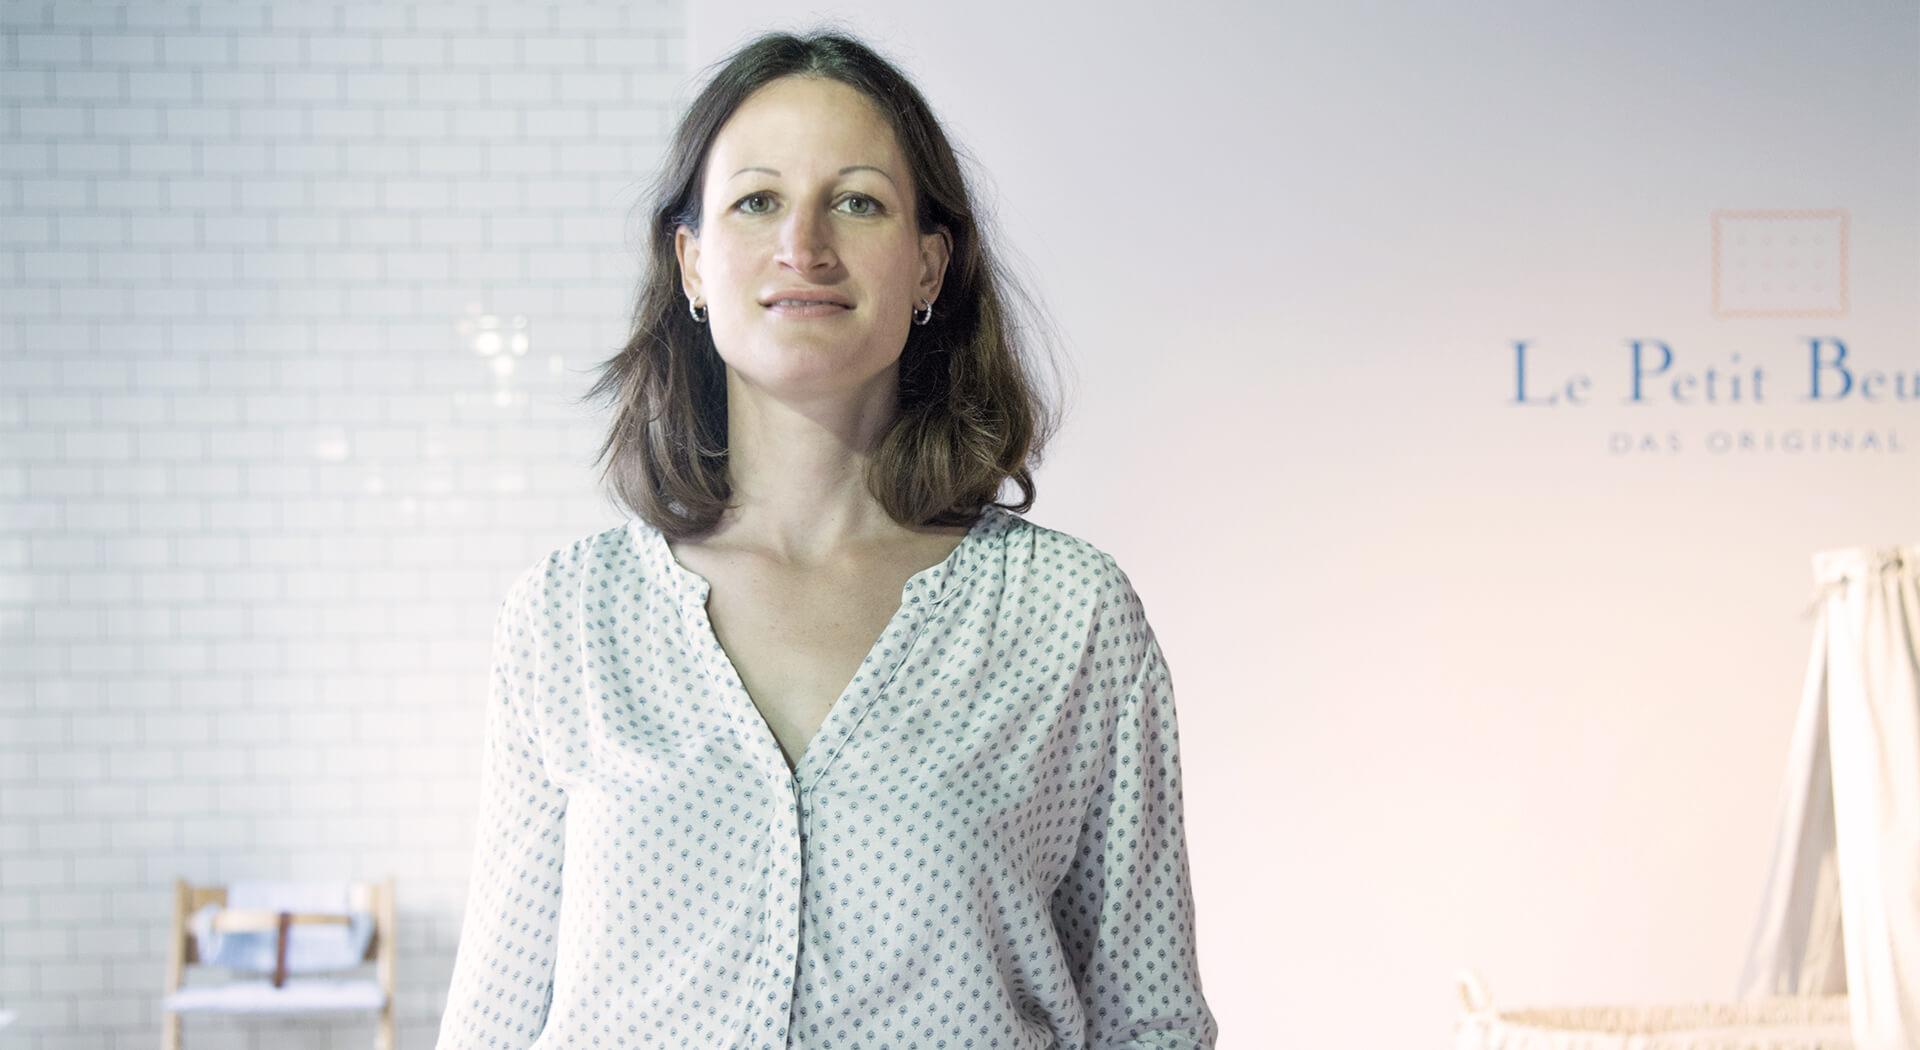 MomPreneurs-Edith-Szasszer-Portrait-Le-Petit-Beurre